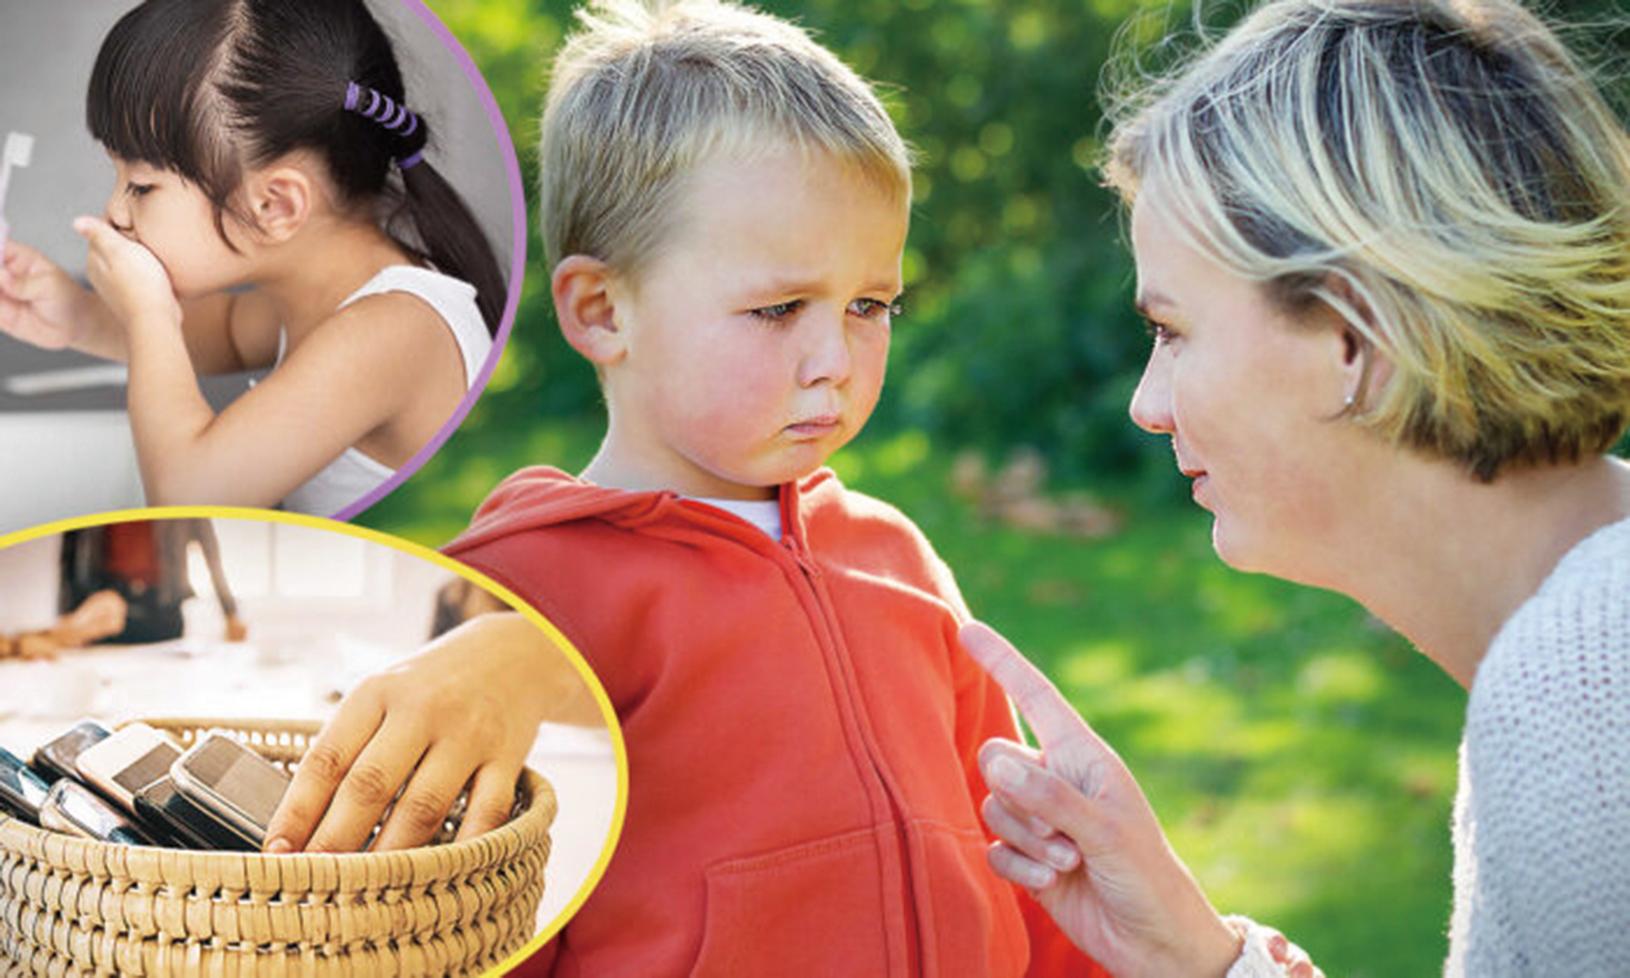 對於孩子的教育問題,很多父母有時責怪孩子不爭氣,有時埋怨老師不盡職,但卻很少反思自身的不足。(Illustration - Shutterstock)